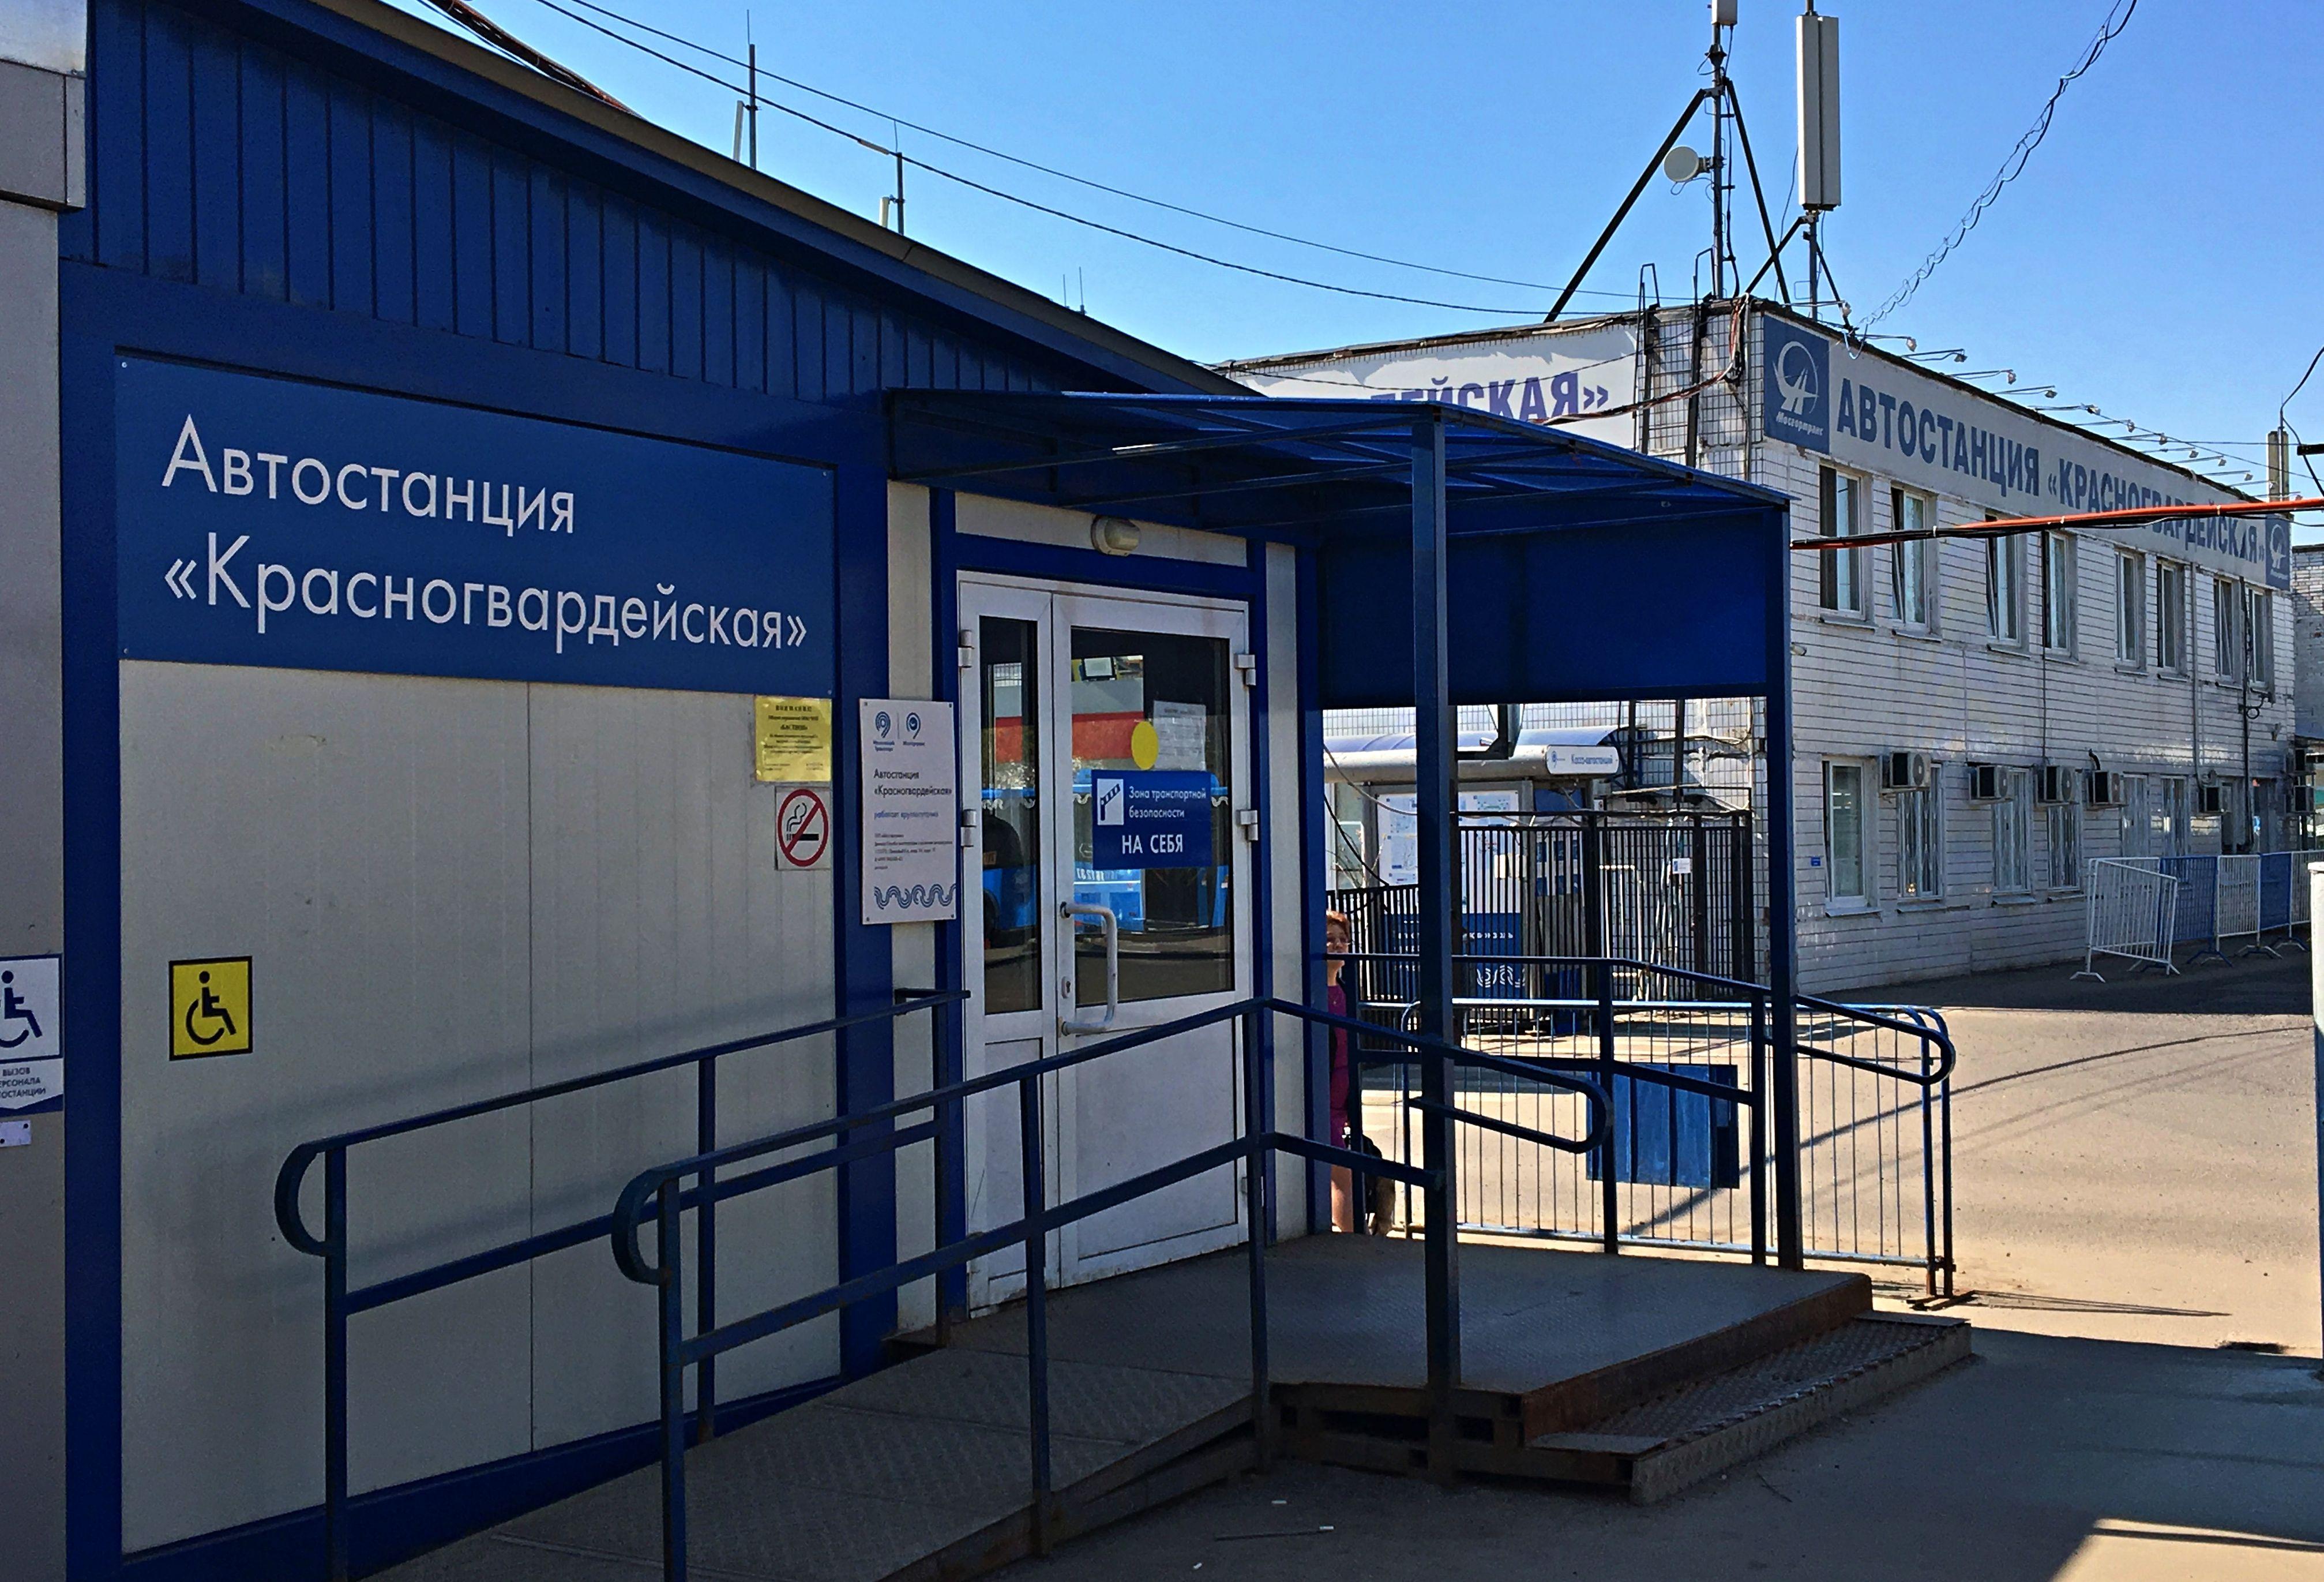 Автостанцию «Красногвардейская» закроют на реконструкцию